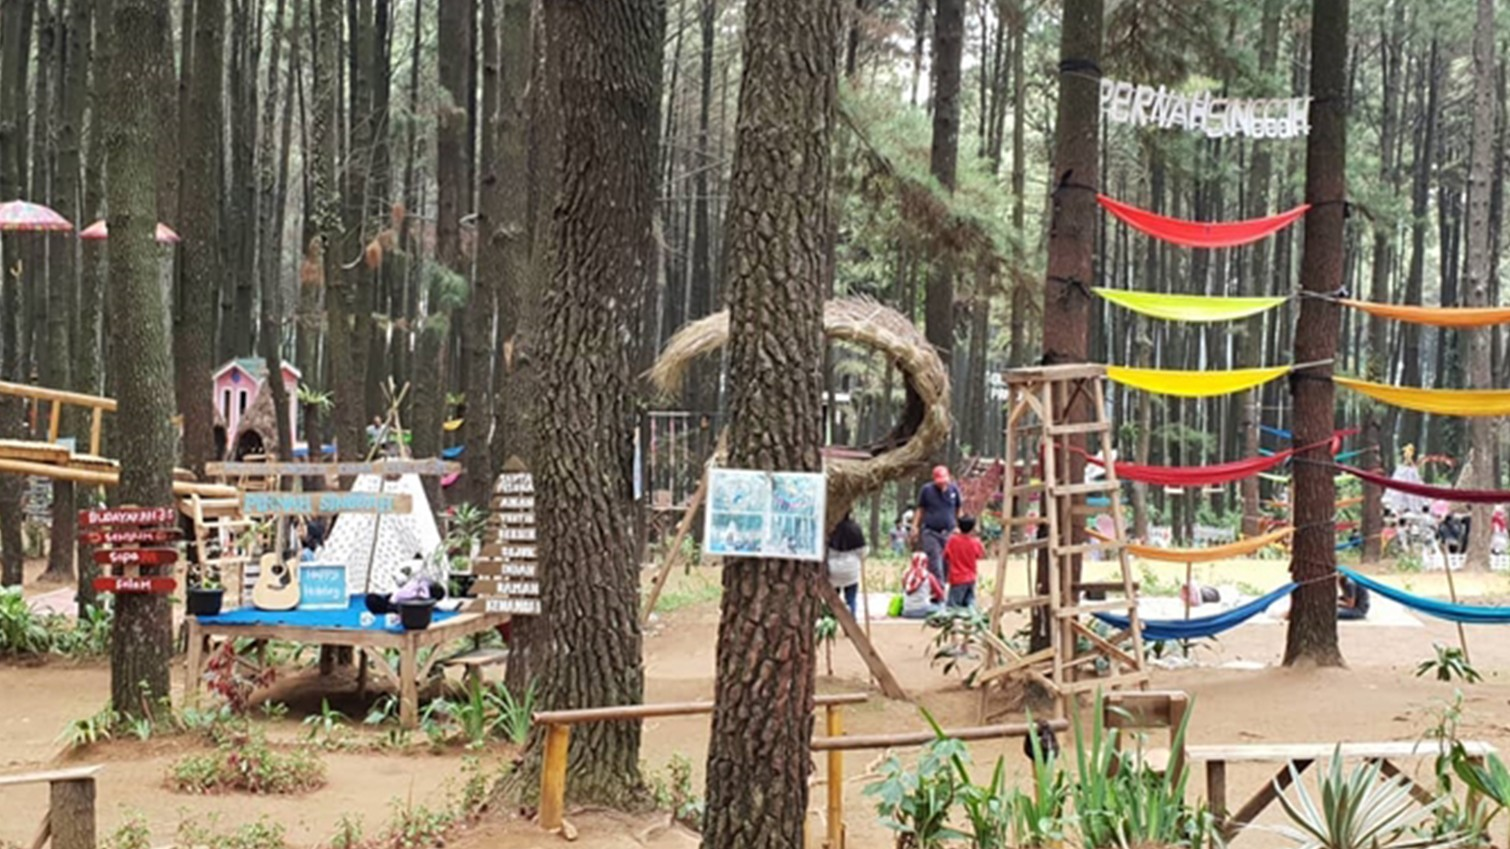 6 Wisata Alam Di Bogor Yang Cocok Dikunjungi Bersama Anak